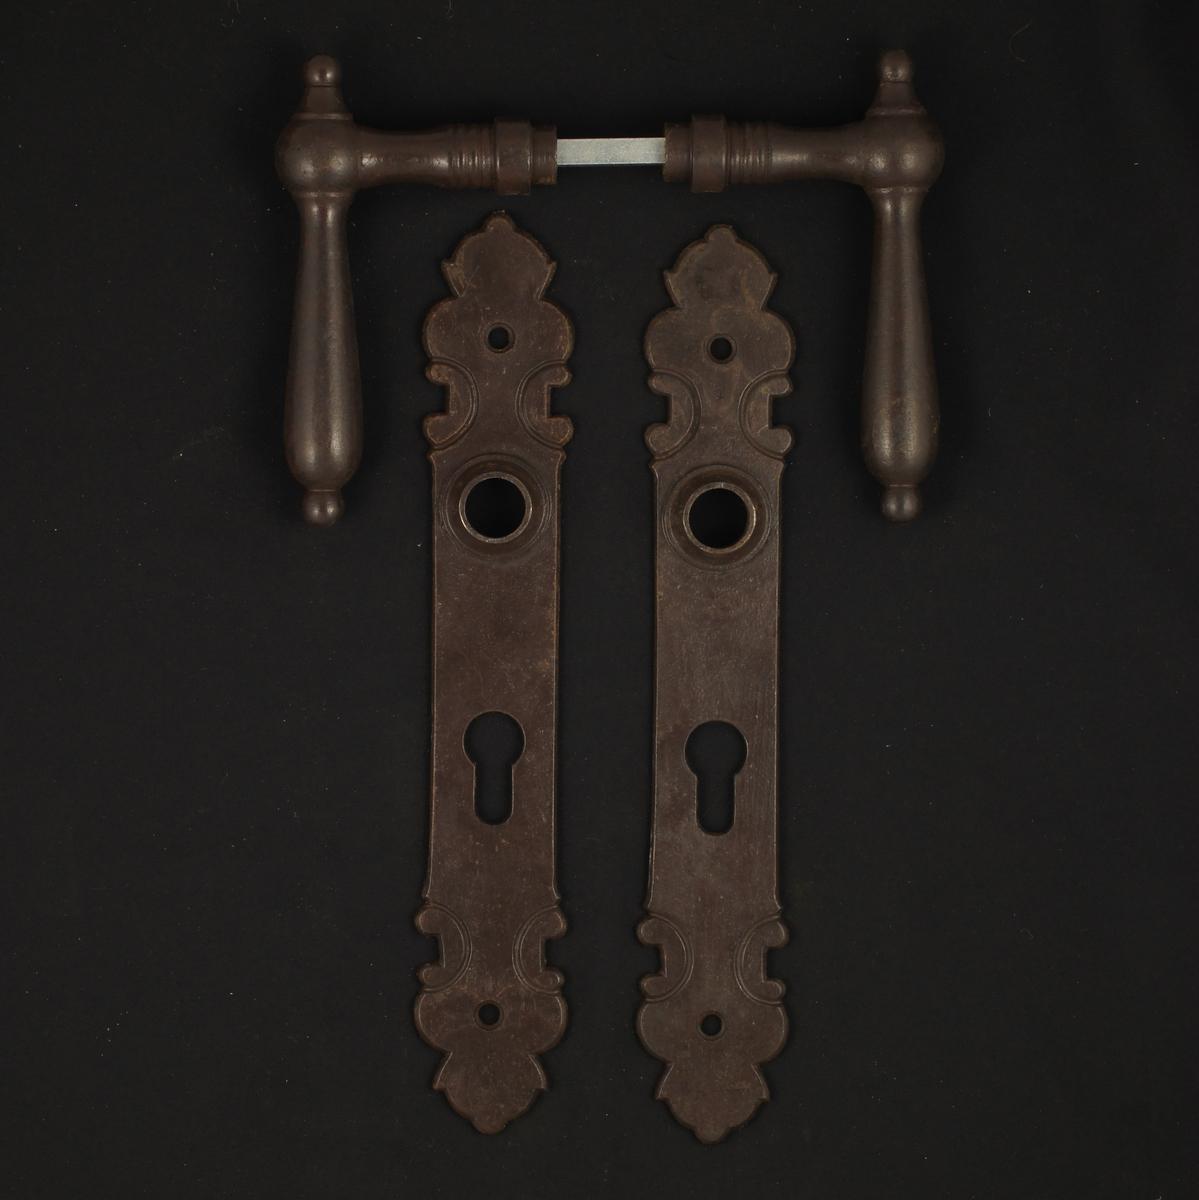 322.0031.60 Zimmertür Langschildgarnitur - antike Türdrücker, Türklinken, Türbeschläge